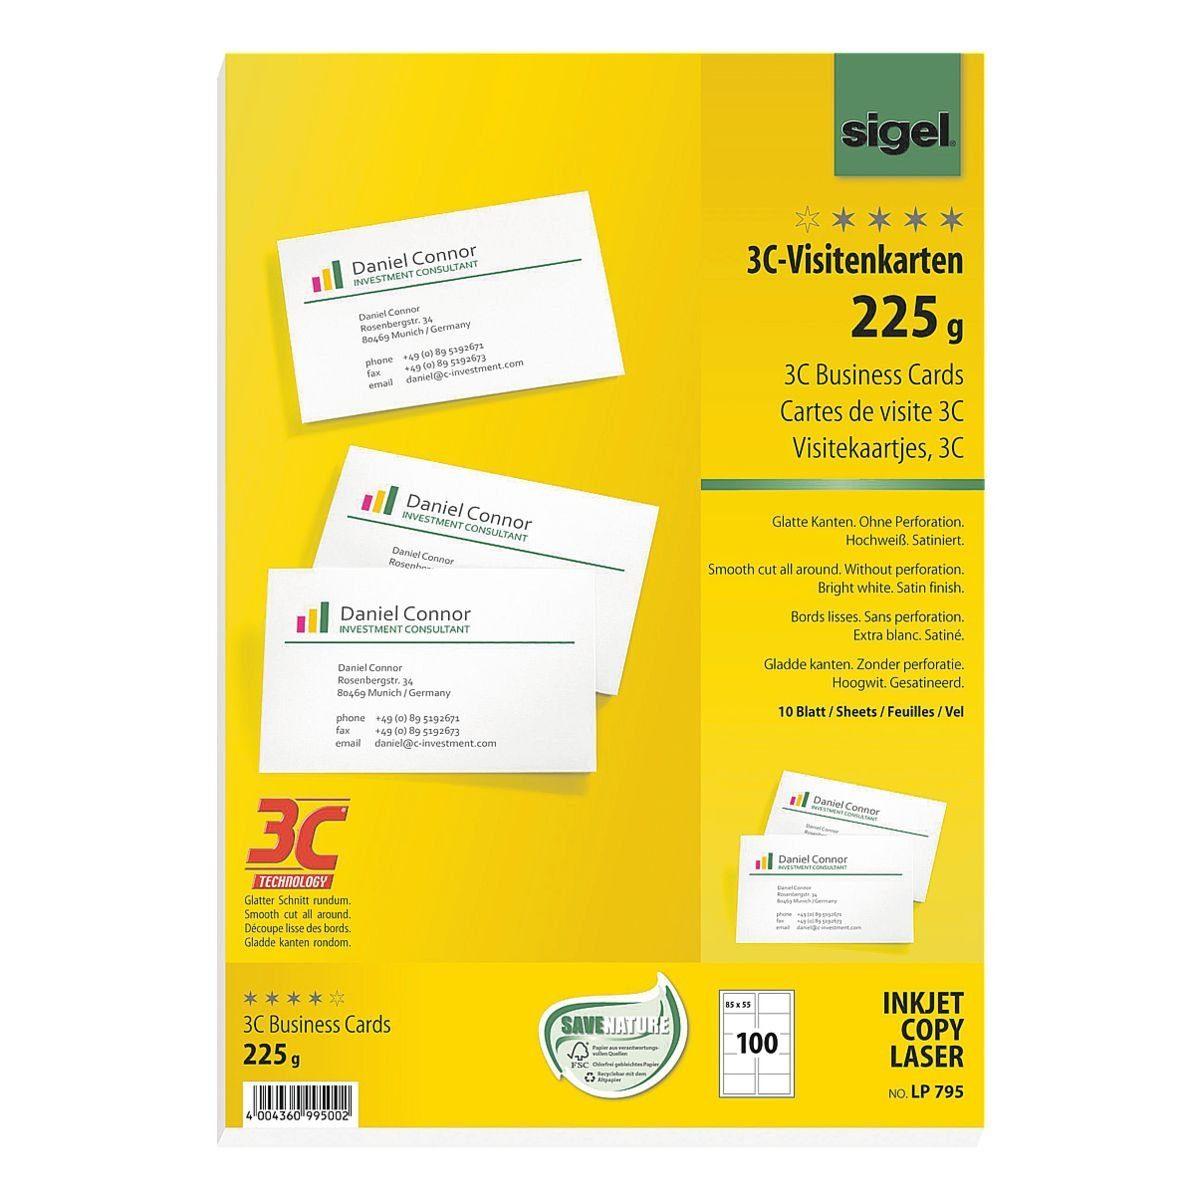 Sigel Visitenkarten LP795